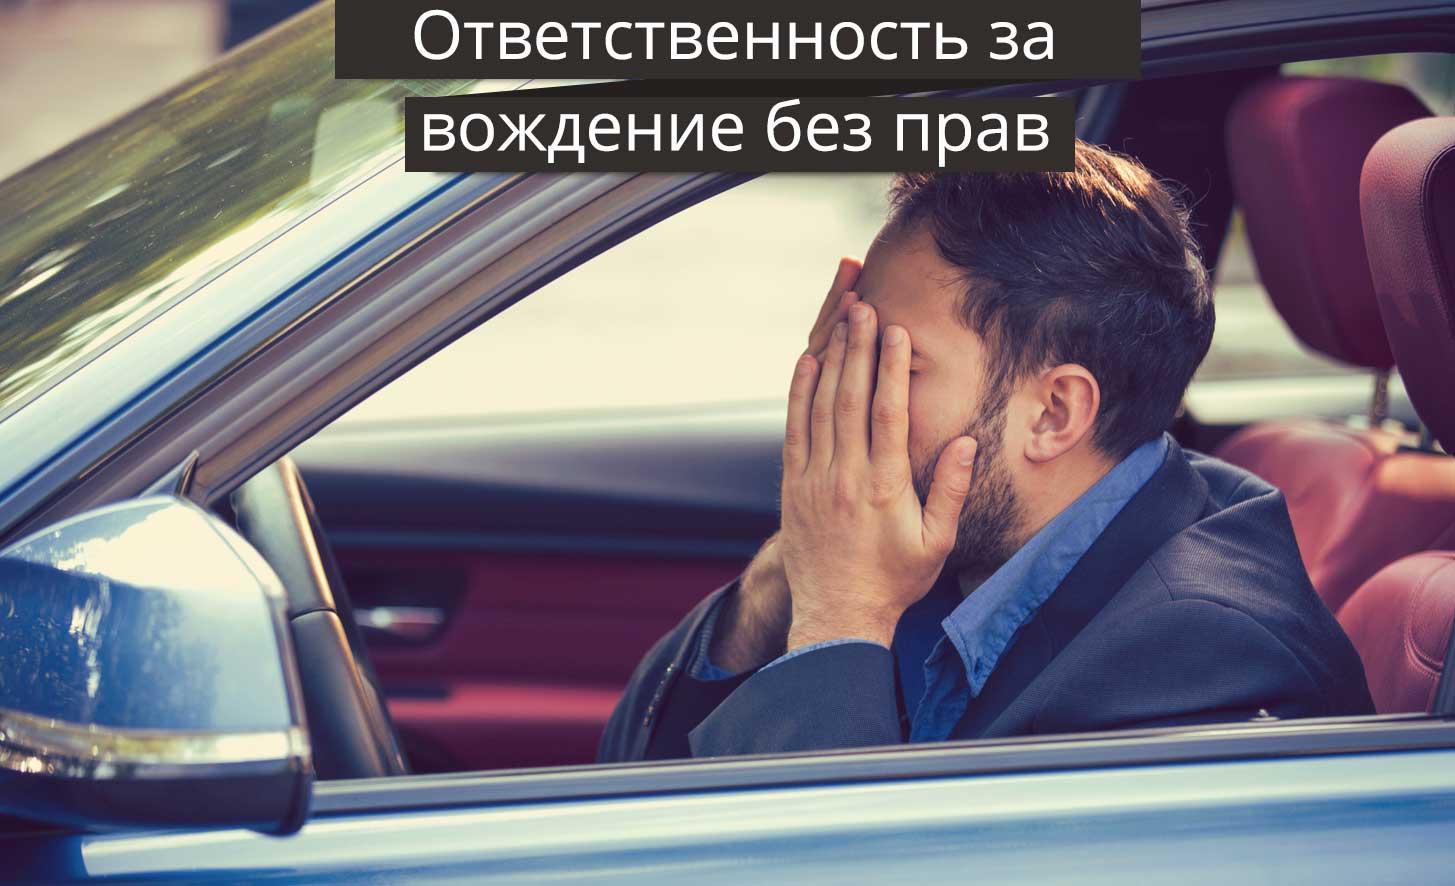 Единственный штраф ГИБДД в размере 15000 рублей